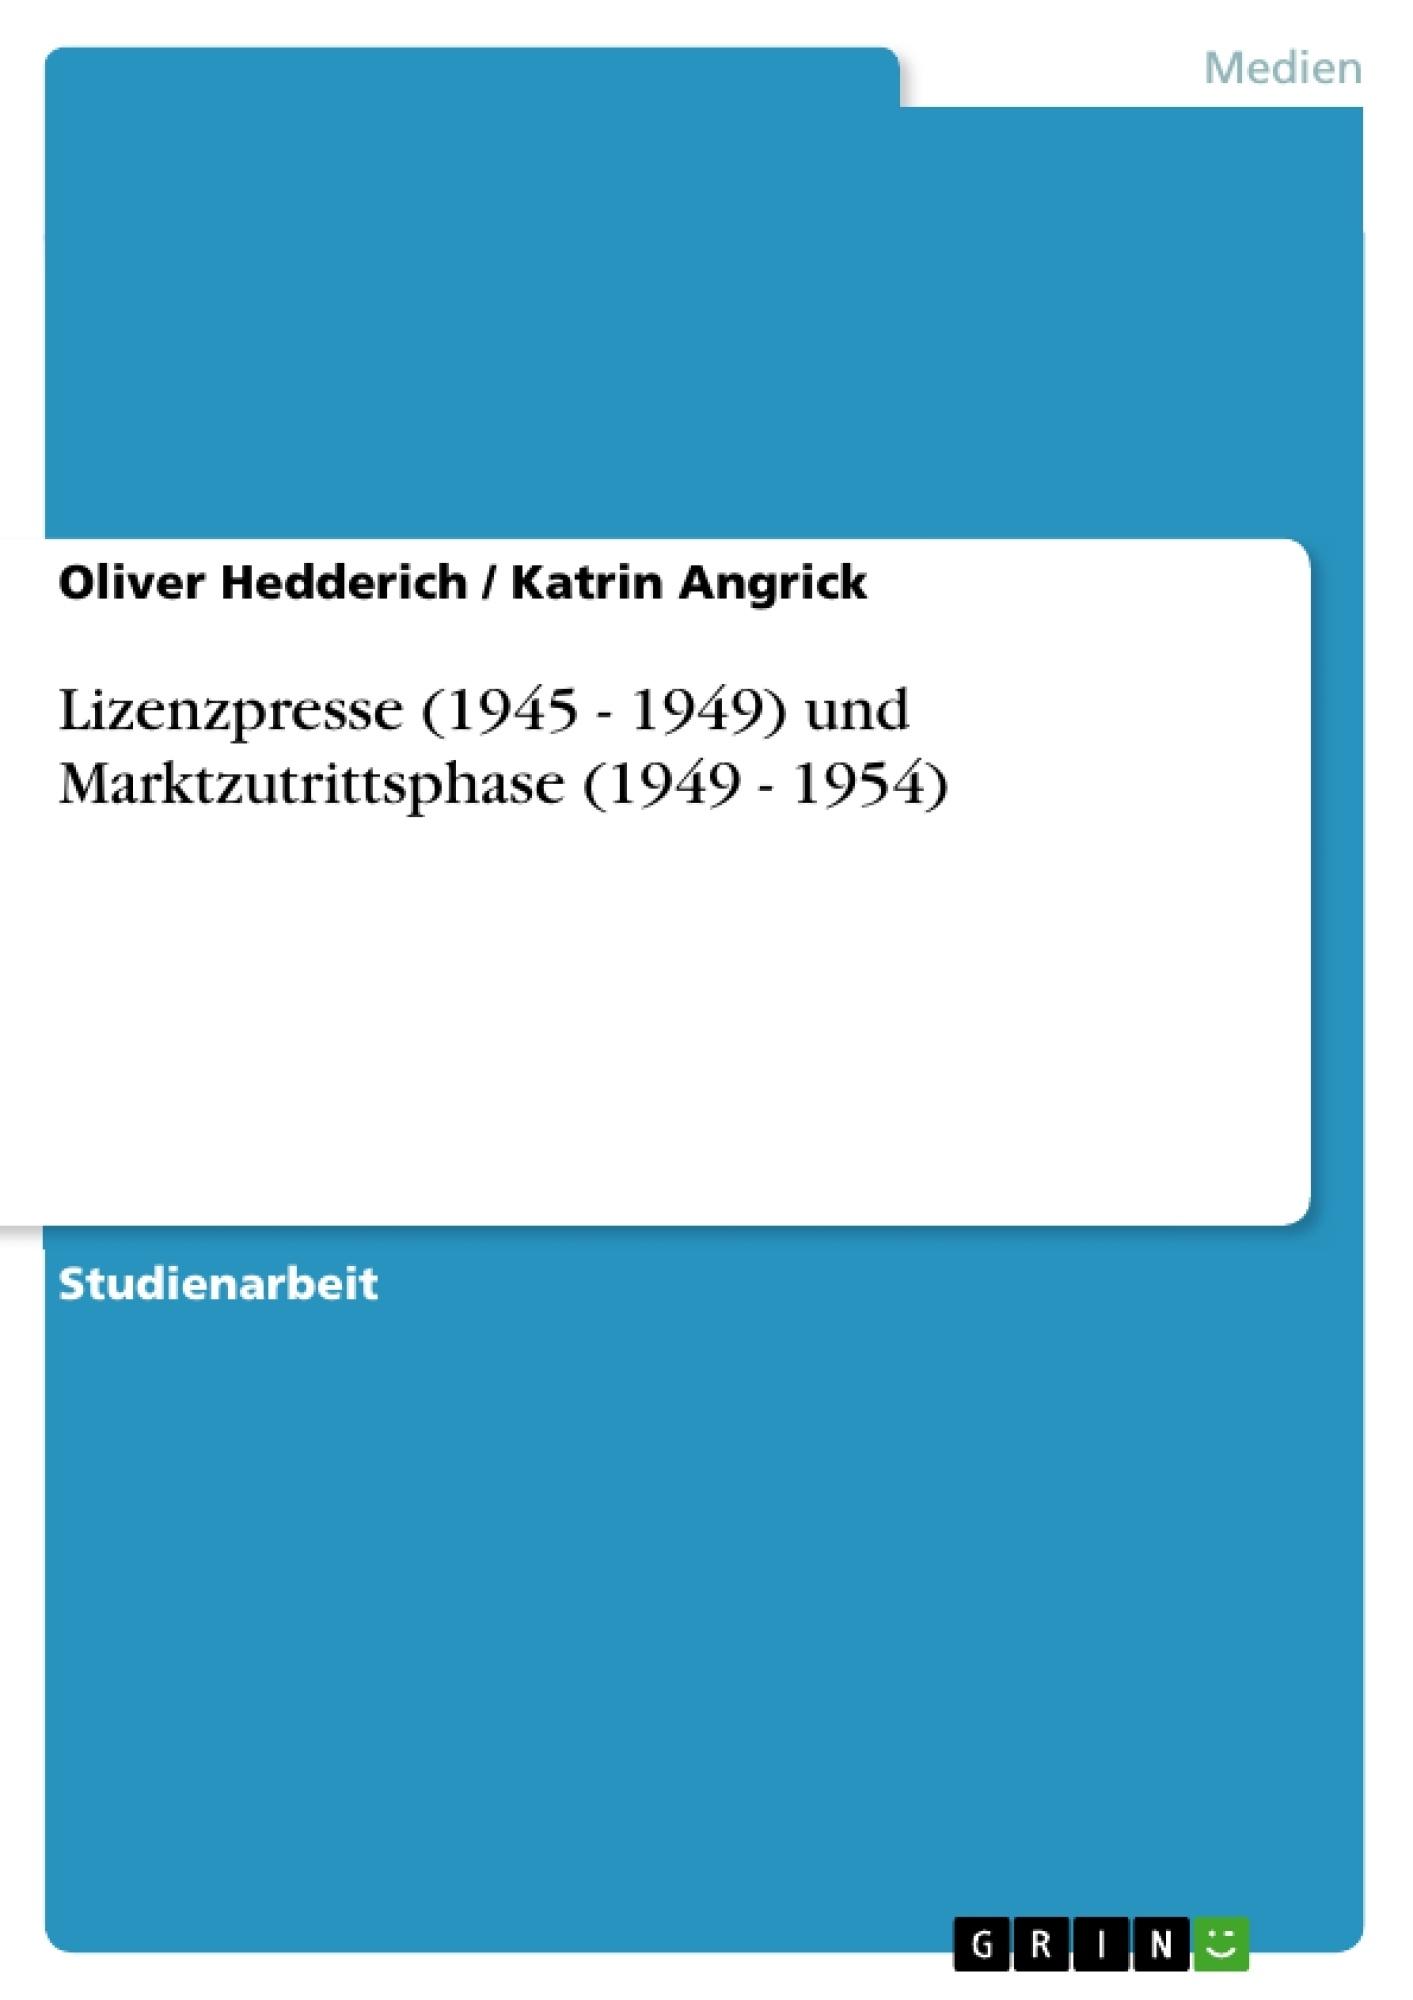 Titel: Lizenzpresse (1945 - 1949) und Marktzutrittsphase (1949 - 1954)